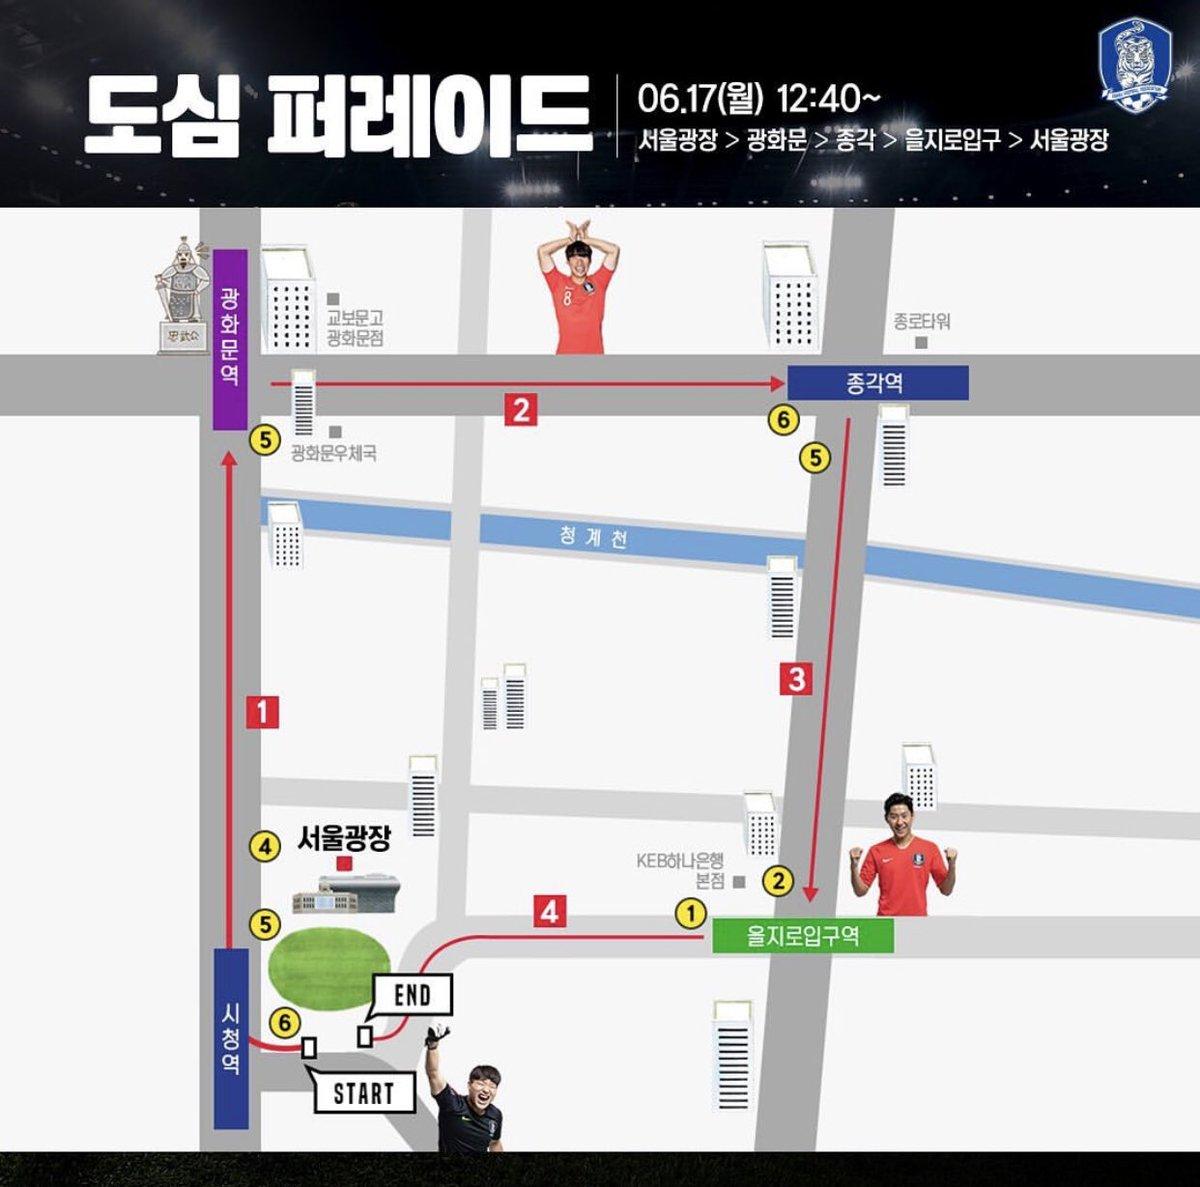 嘉奖小将!韩国将为U20青年队举行庆祝巡游仪式